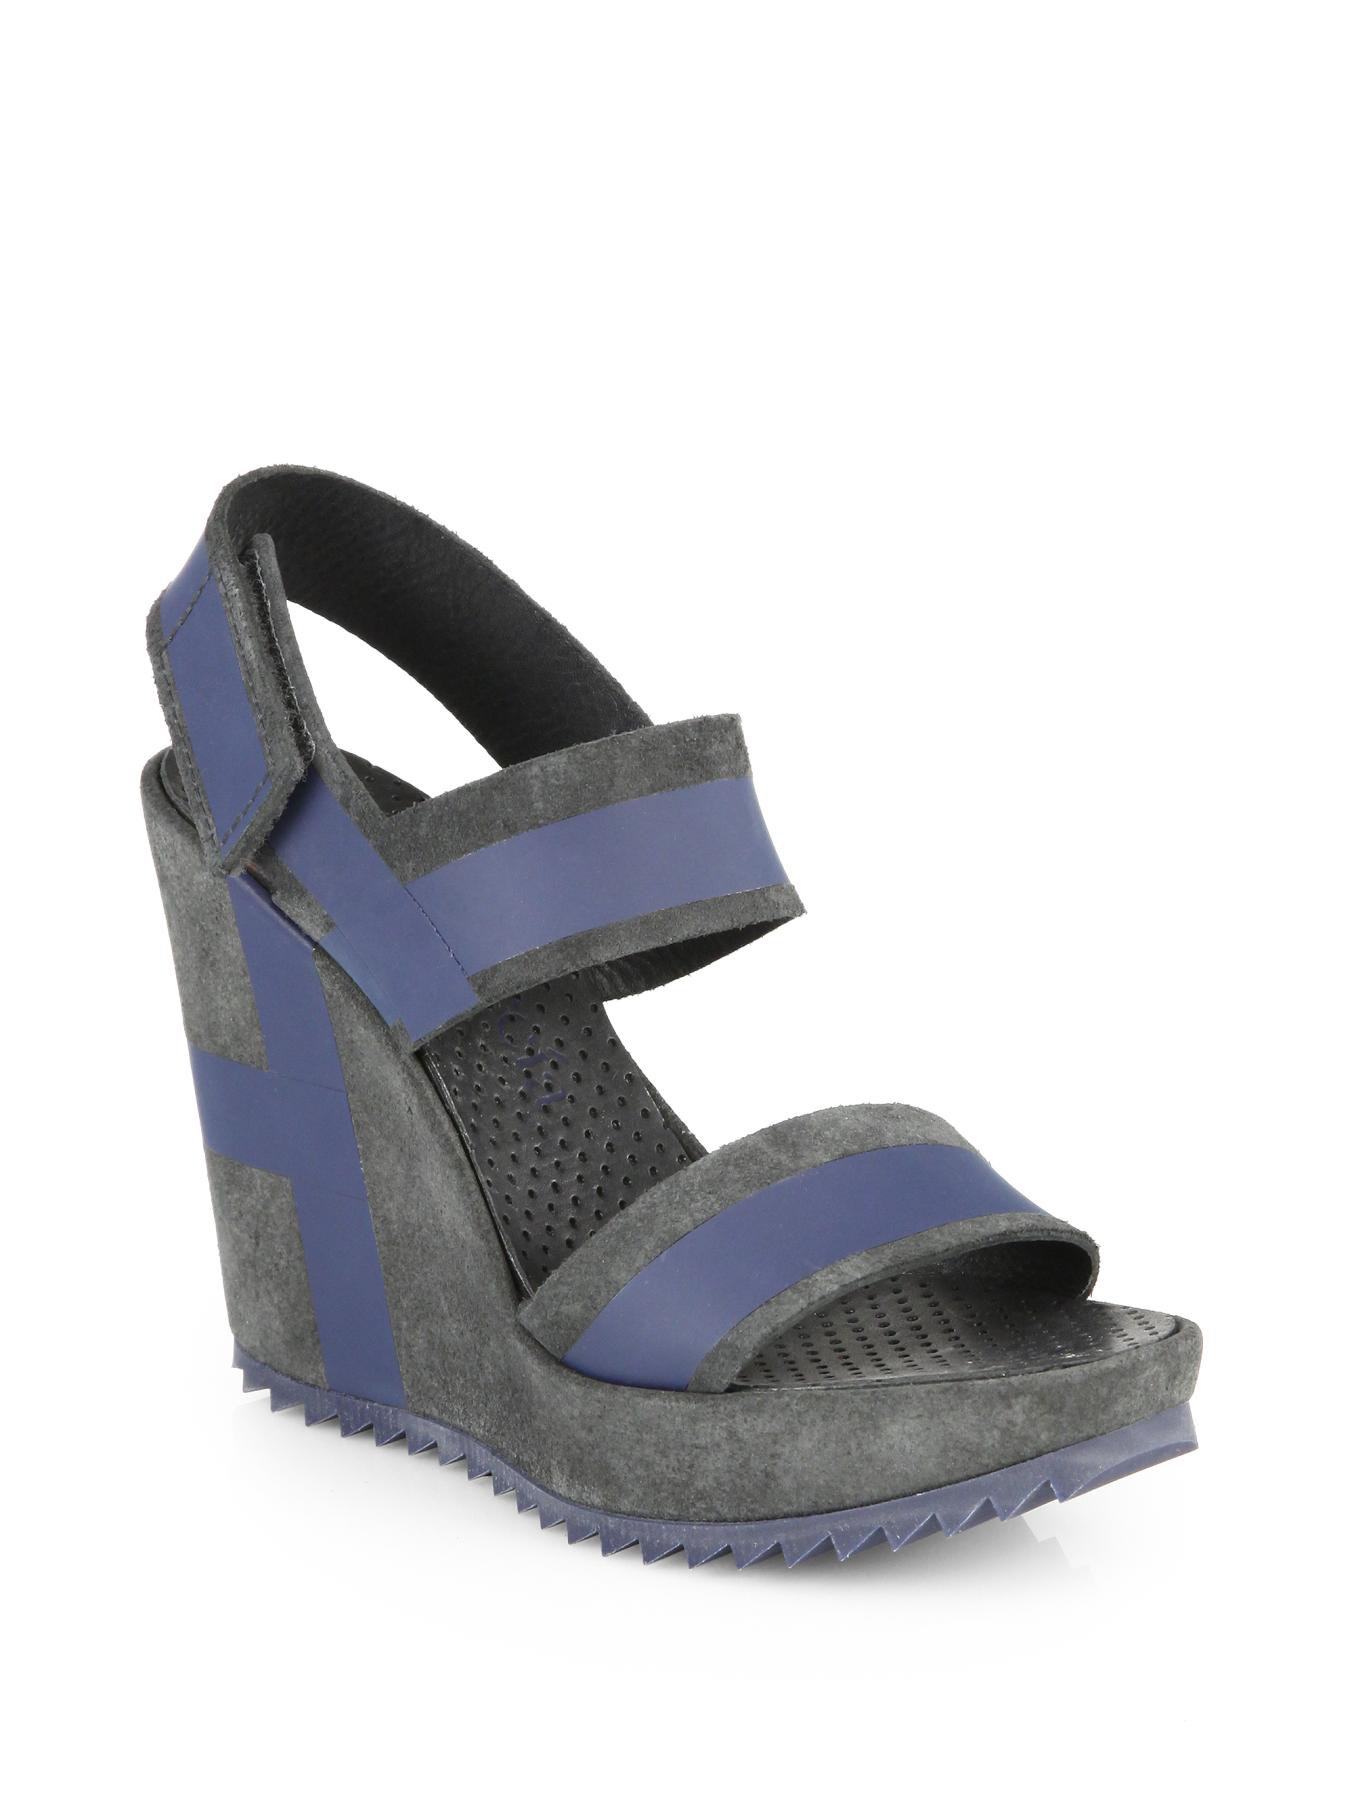 Pedro Garcia Striped Suede Sandals shop sale online 6rjJ48